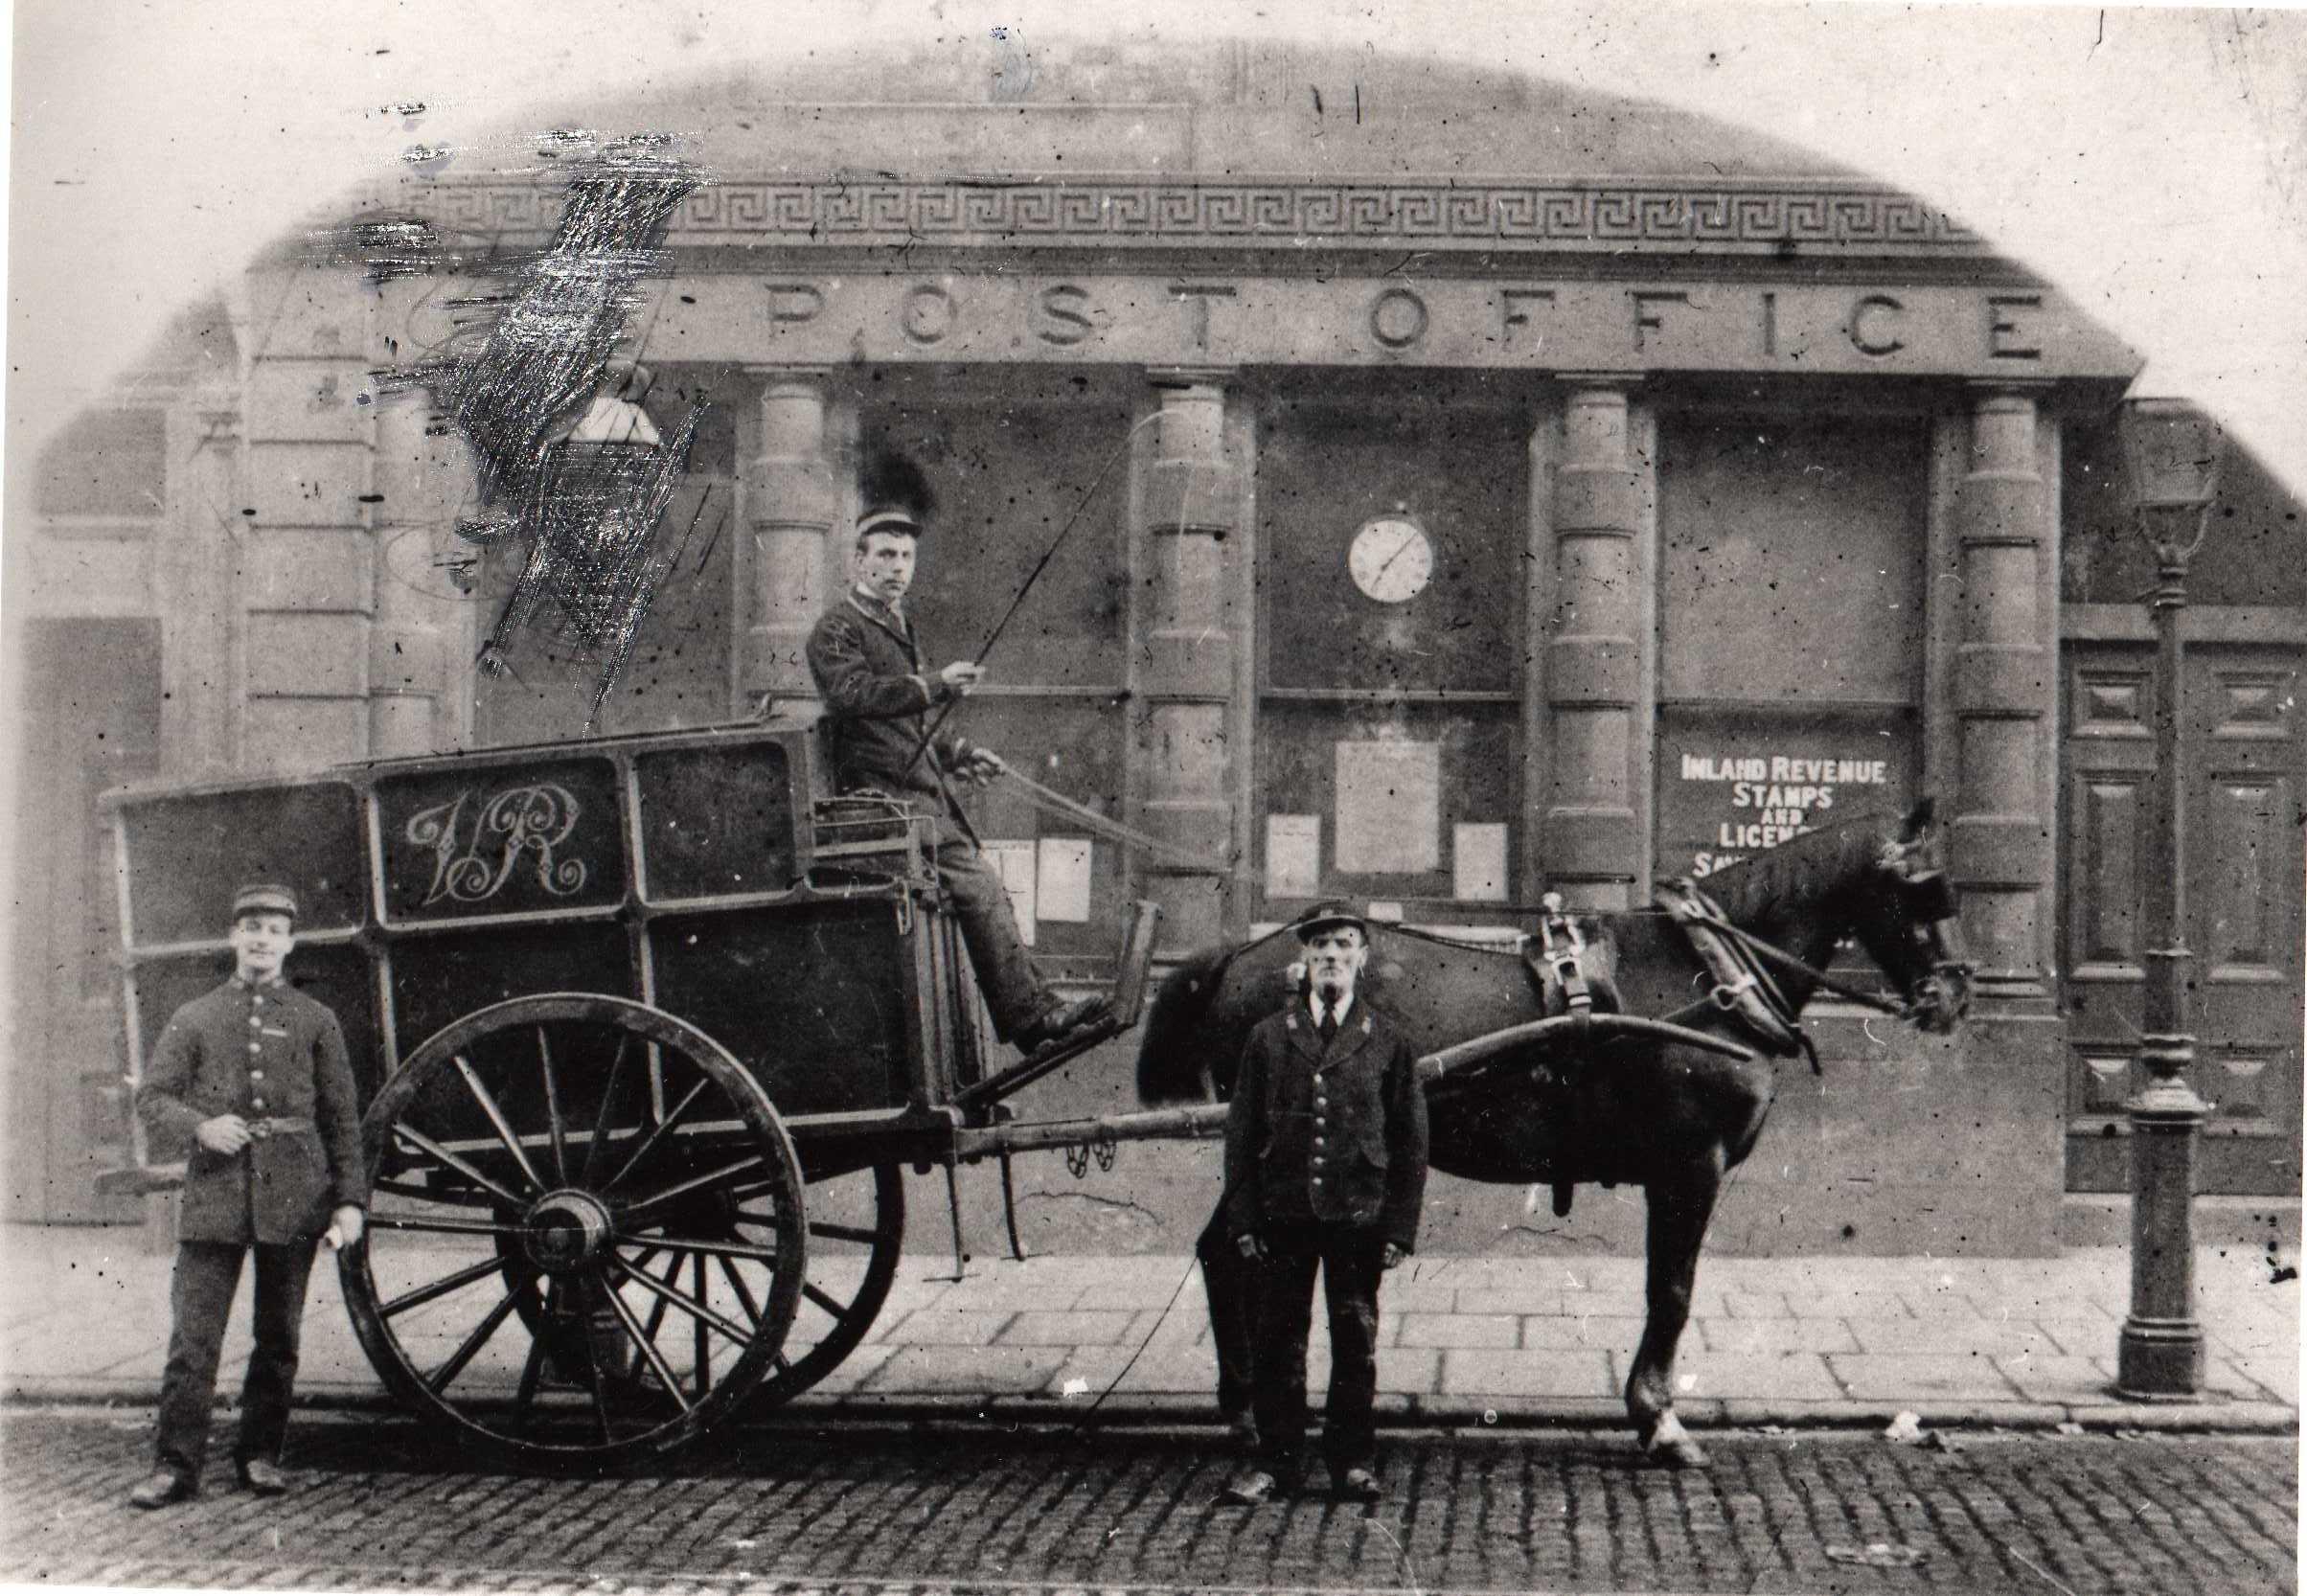 Fishergate Post Office circa 1890